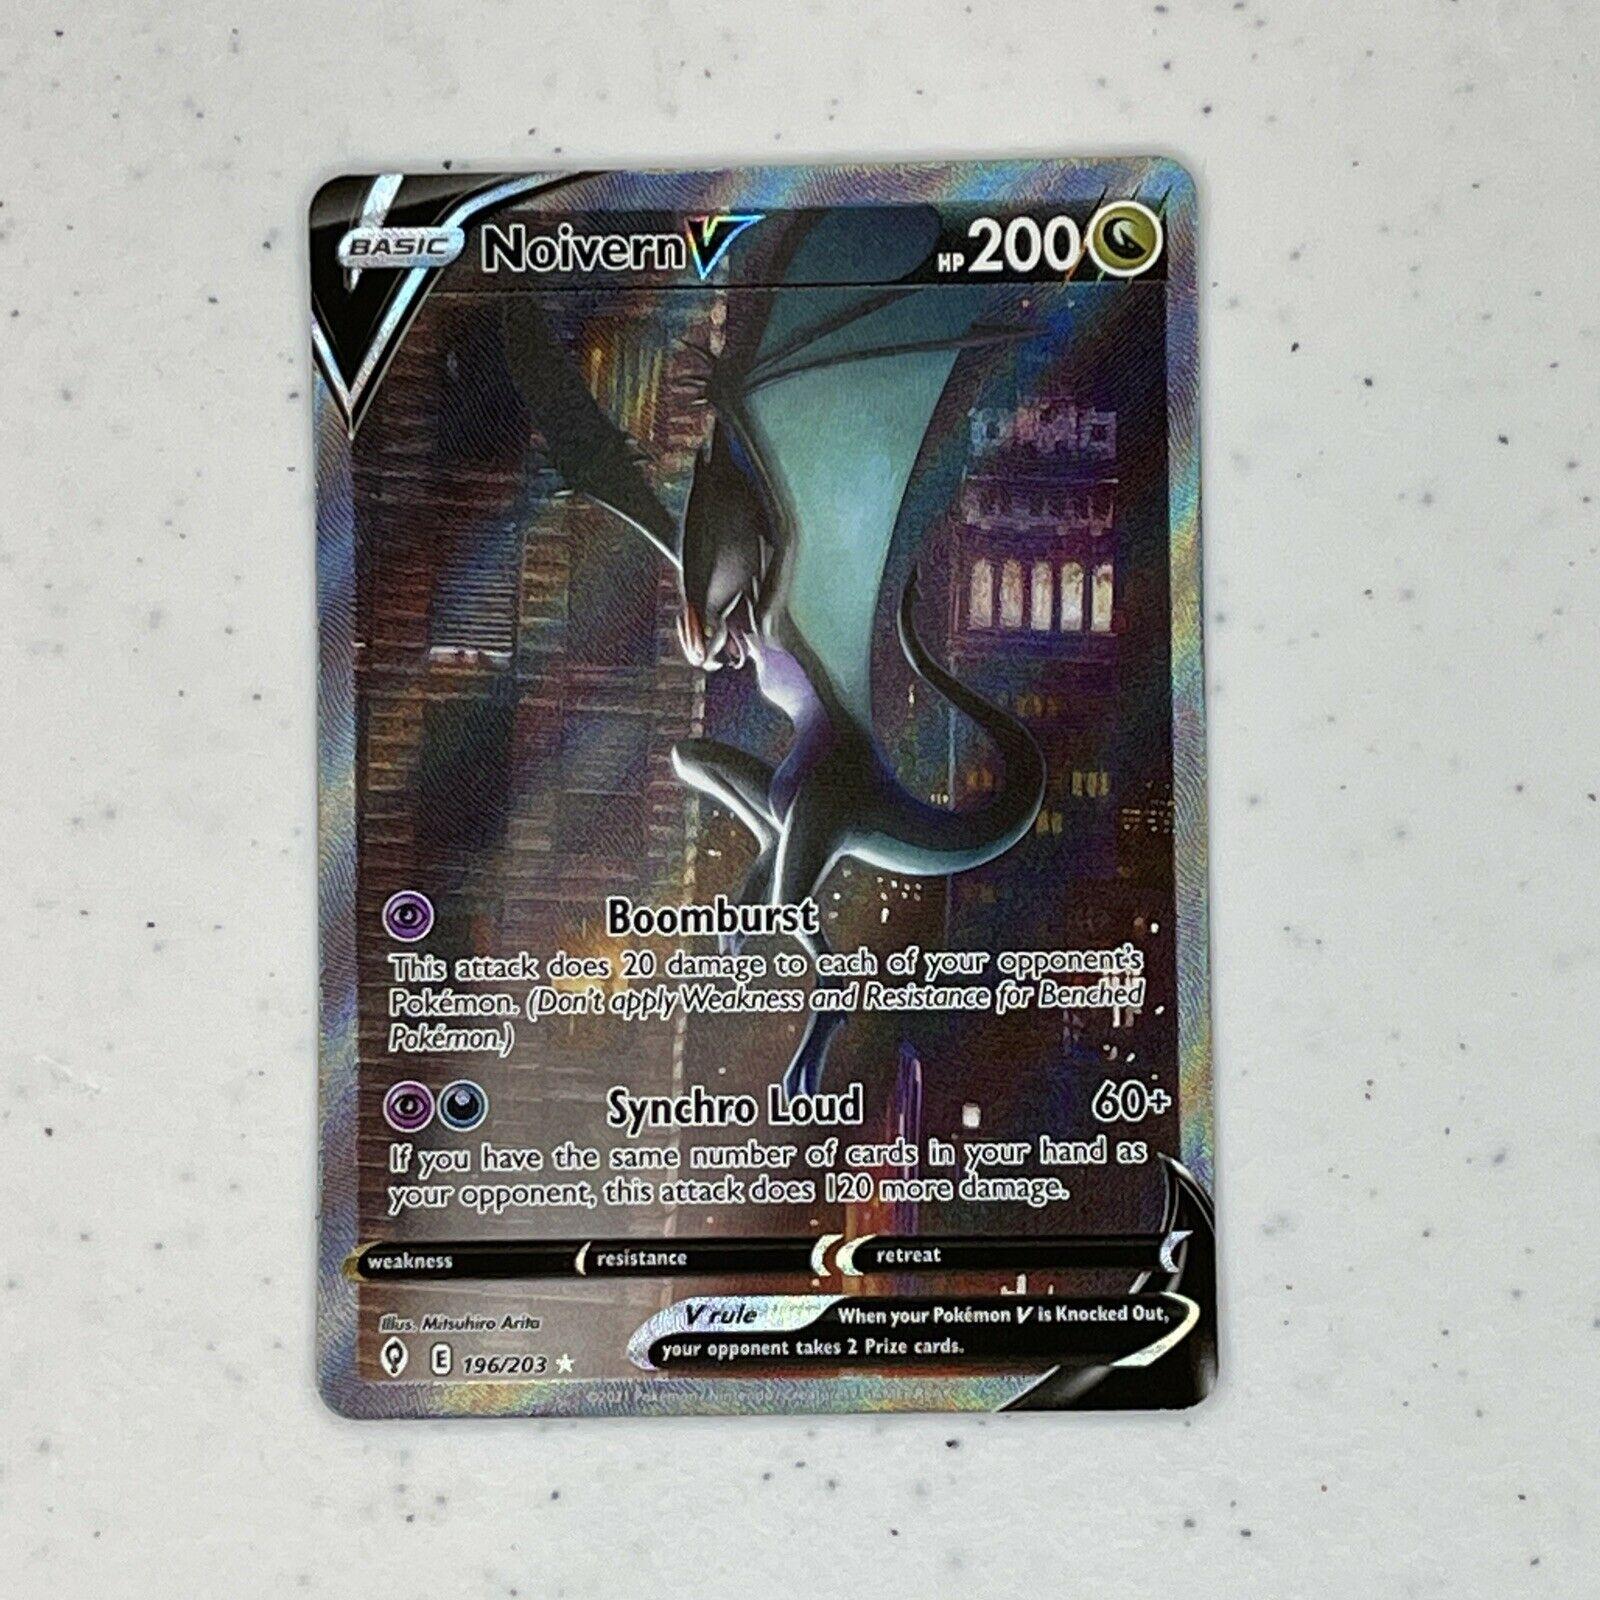 Pokemon TCG Noivern V Evolving Skies 196/203 Alternate Alt Full Art NM/M